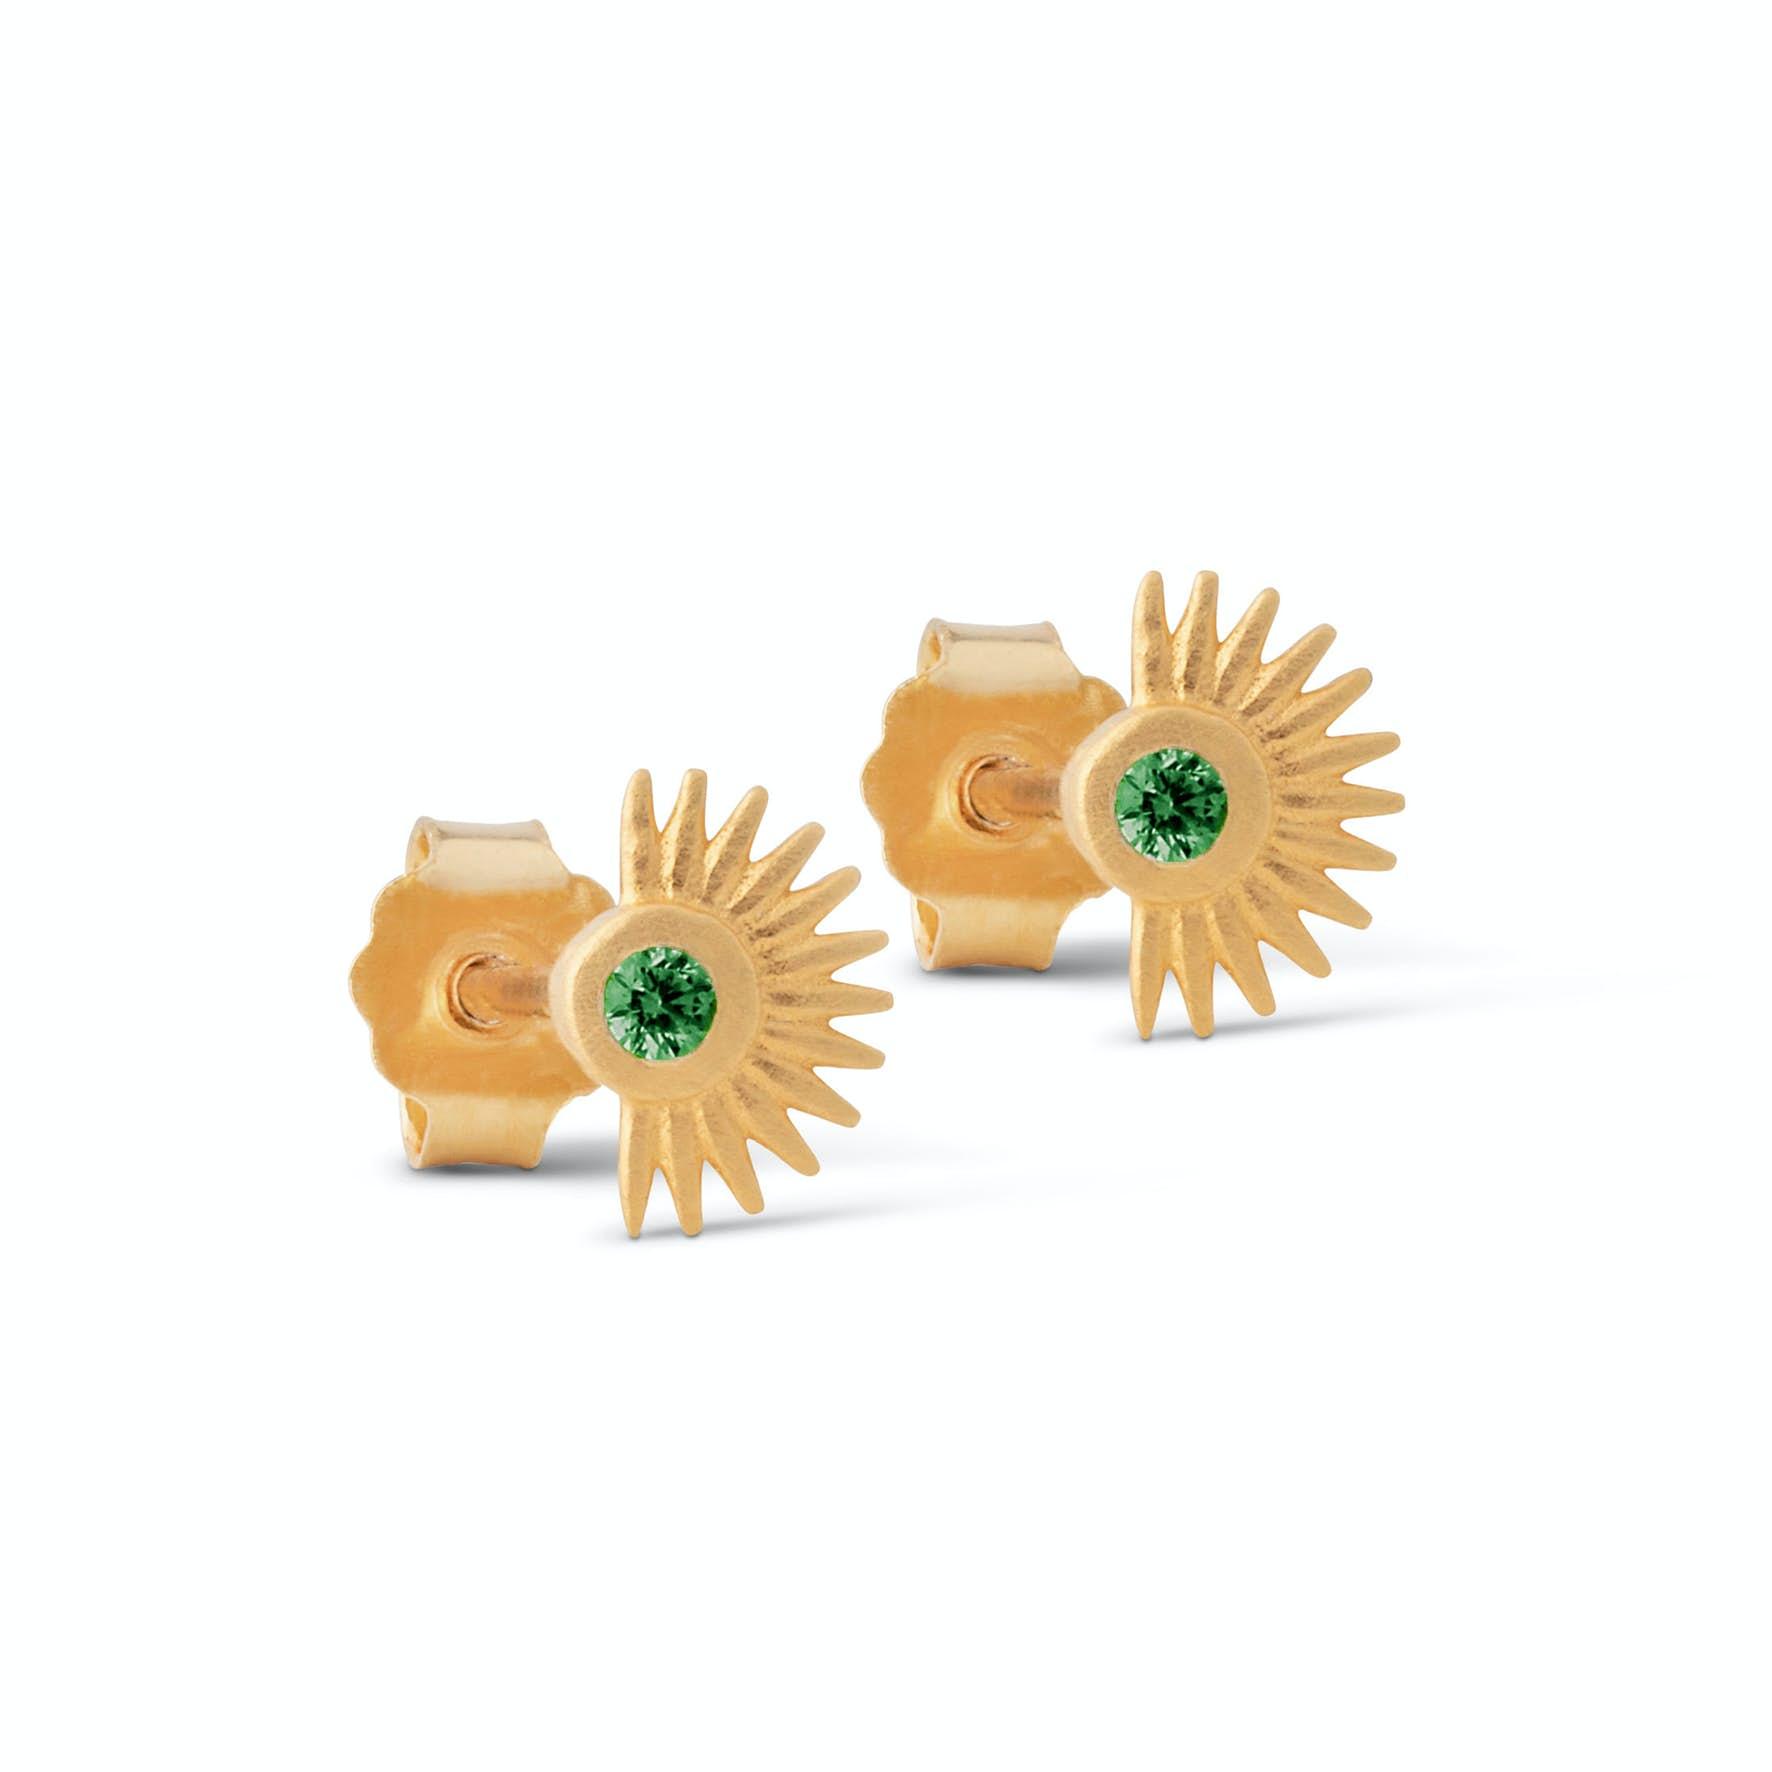 Petite Soleil Earsticks Green from Enamel Copenhagen in Goldplated-Silver Sterling 925